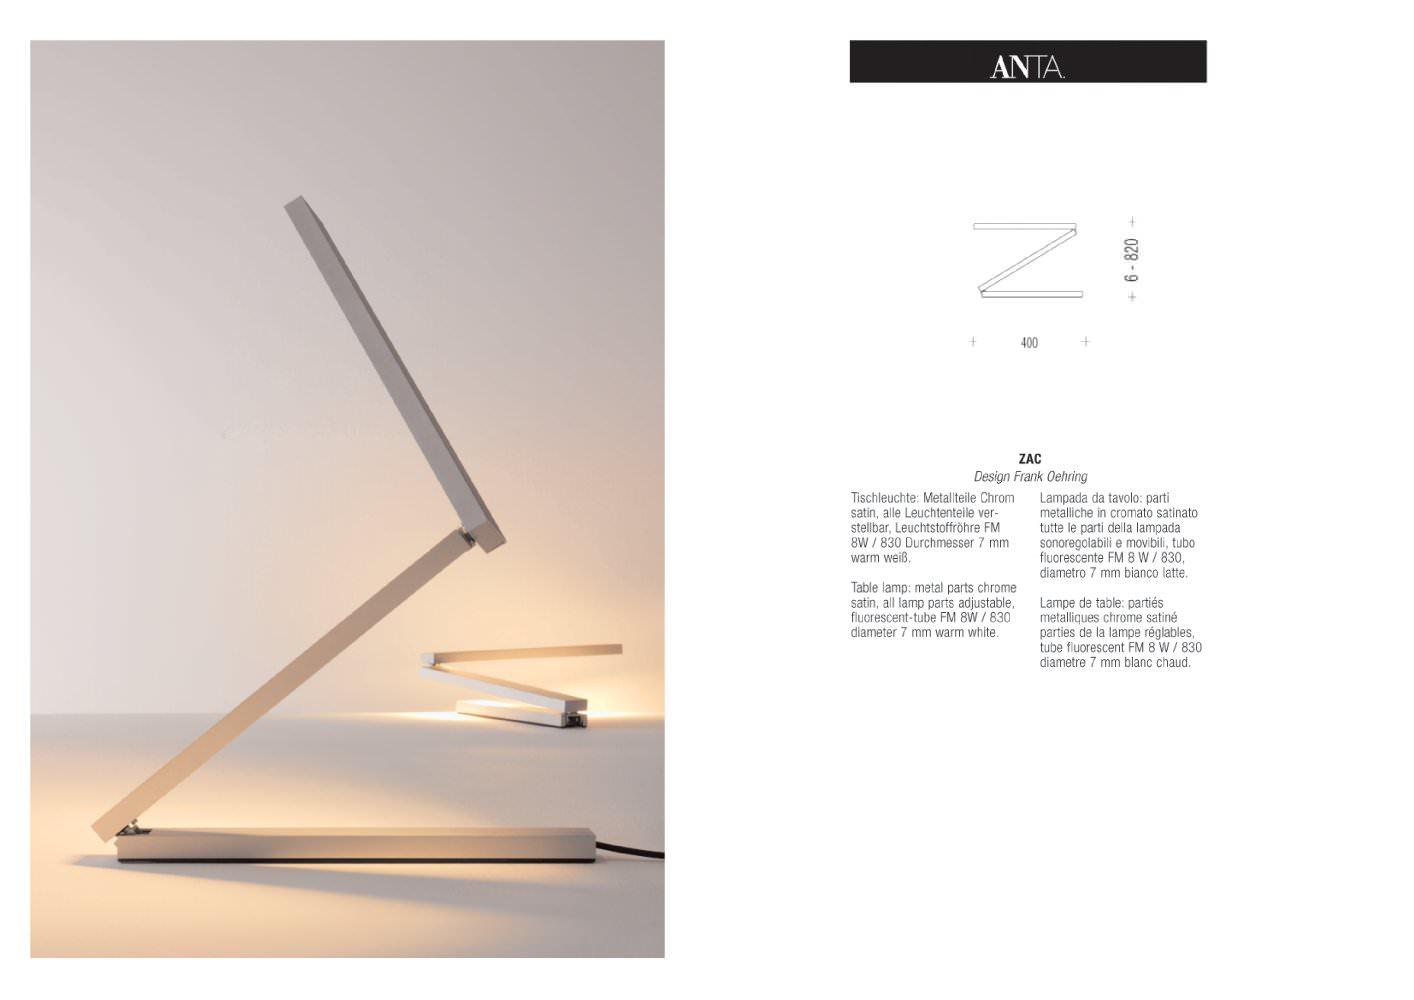 Großartig Anta Leuchten Das Beste Von Zac - 1 / 1 Pages